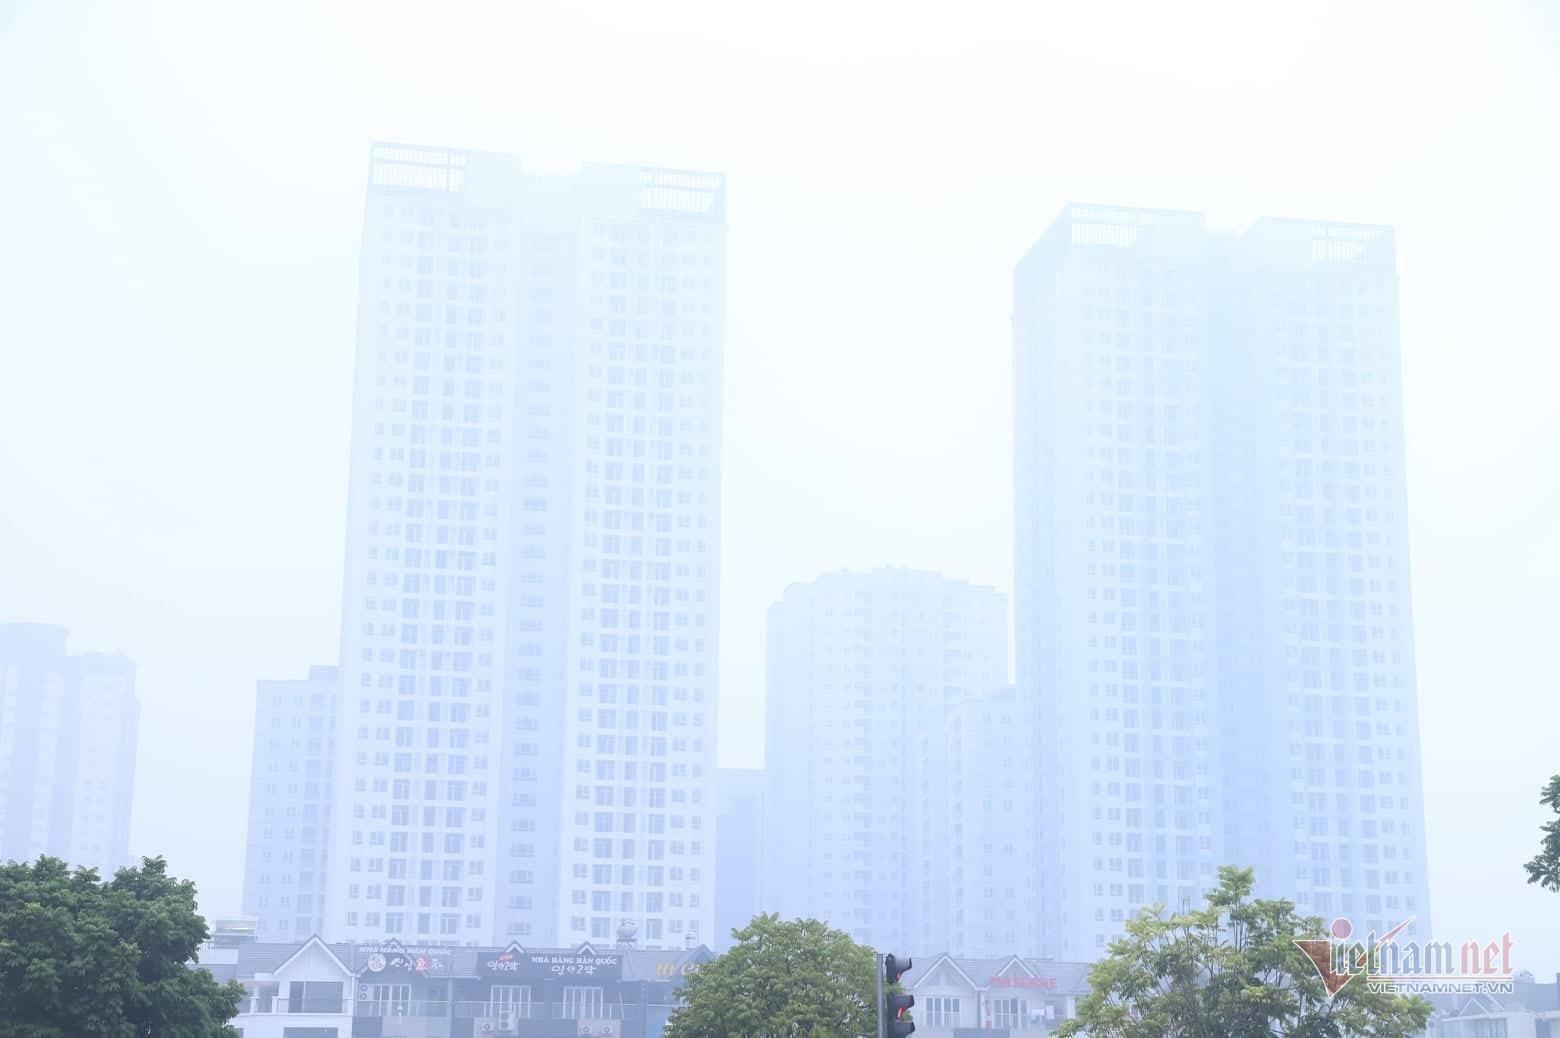 Sương mù giăng phủ Hà Nội, cao ốc mất hút Ảnh 2